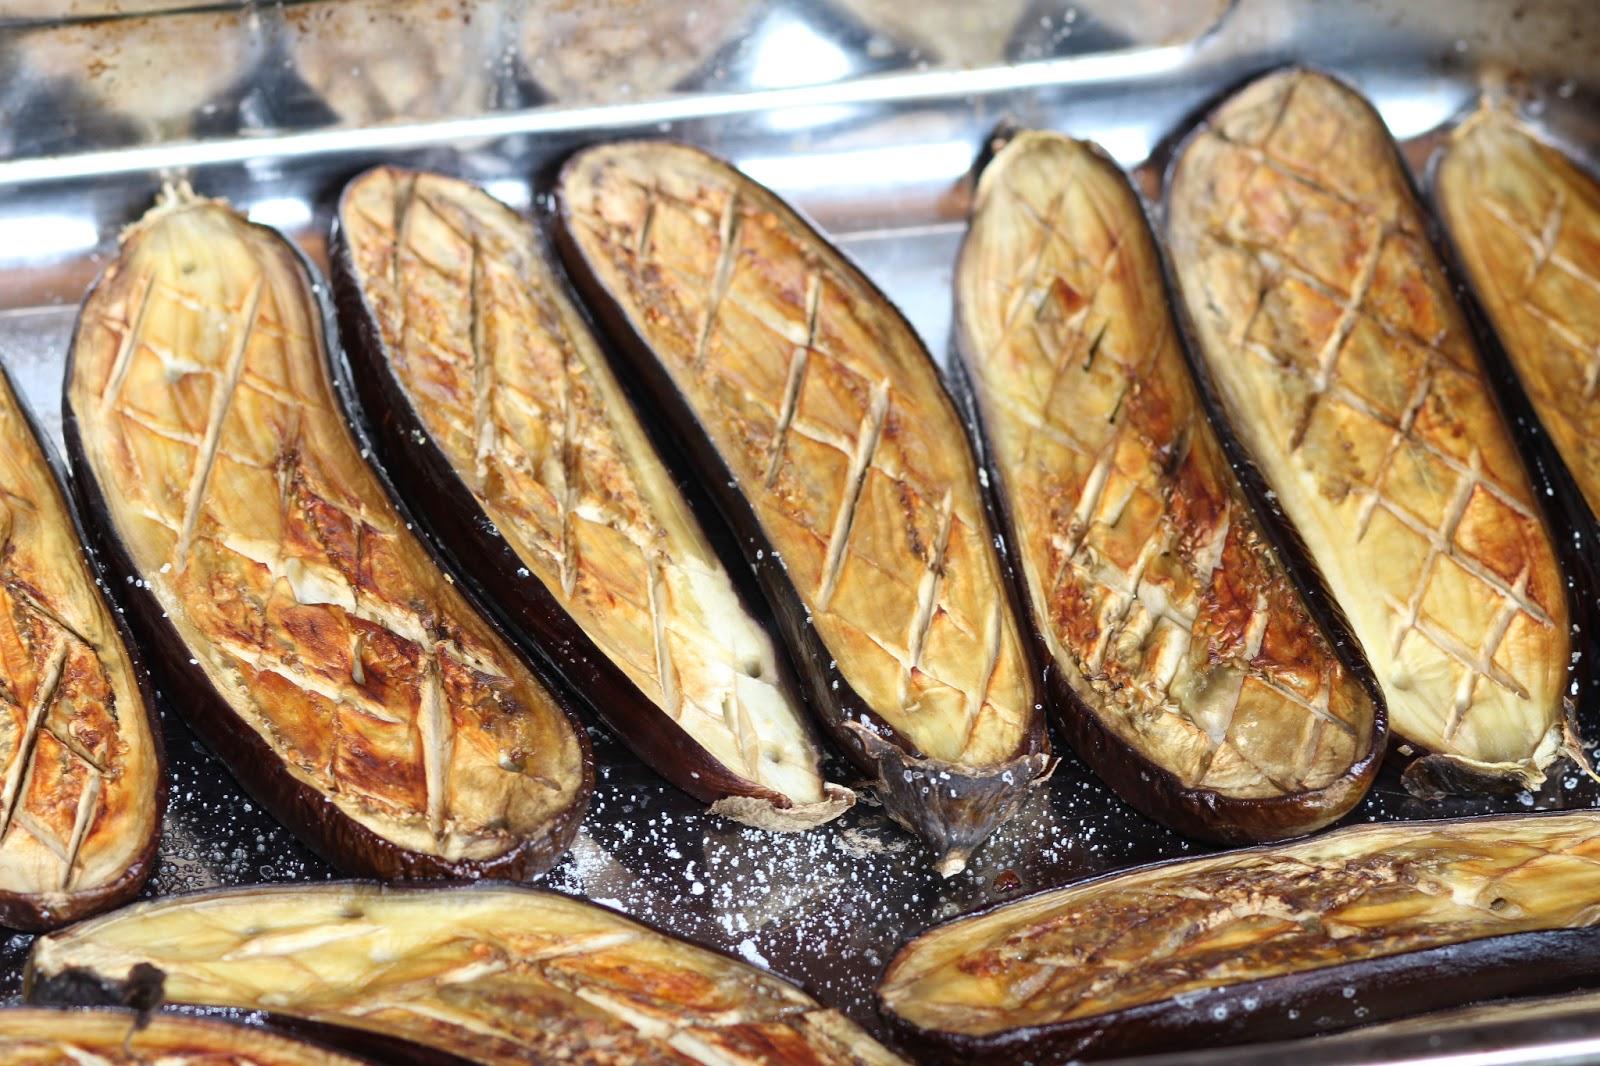 А для праздничного стола приготовьте баклажаны лодочки запеченные в духовке, баклажаны запеченные фаршированные или ну очень эффектные баклажаны веером, запеченные в духовке.